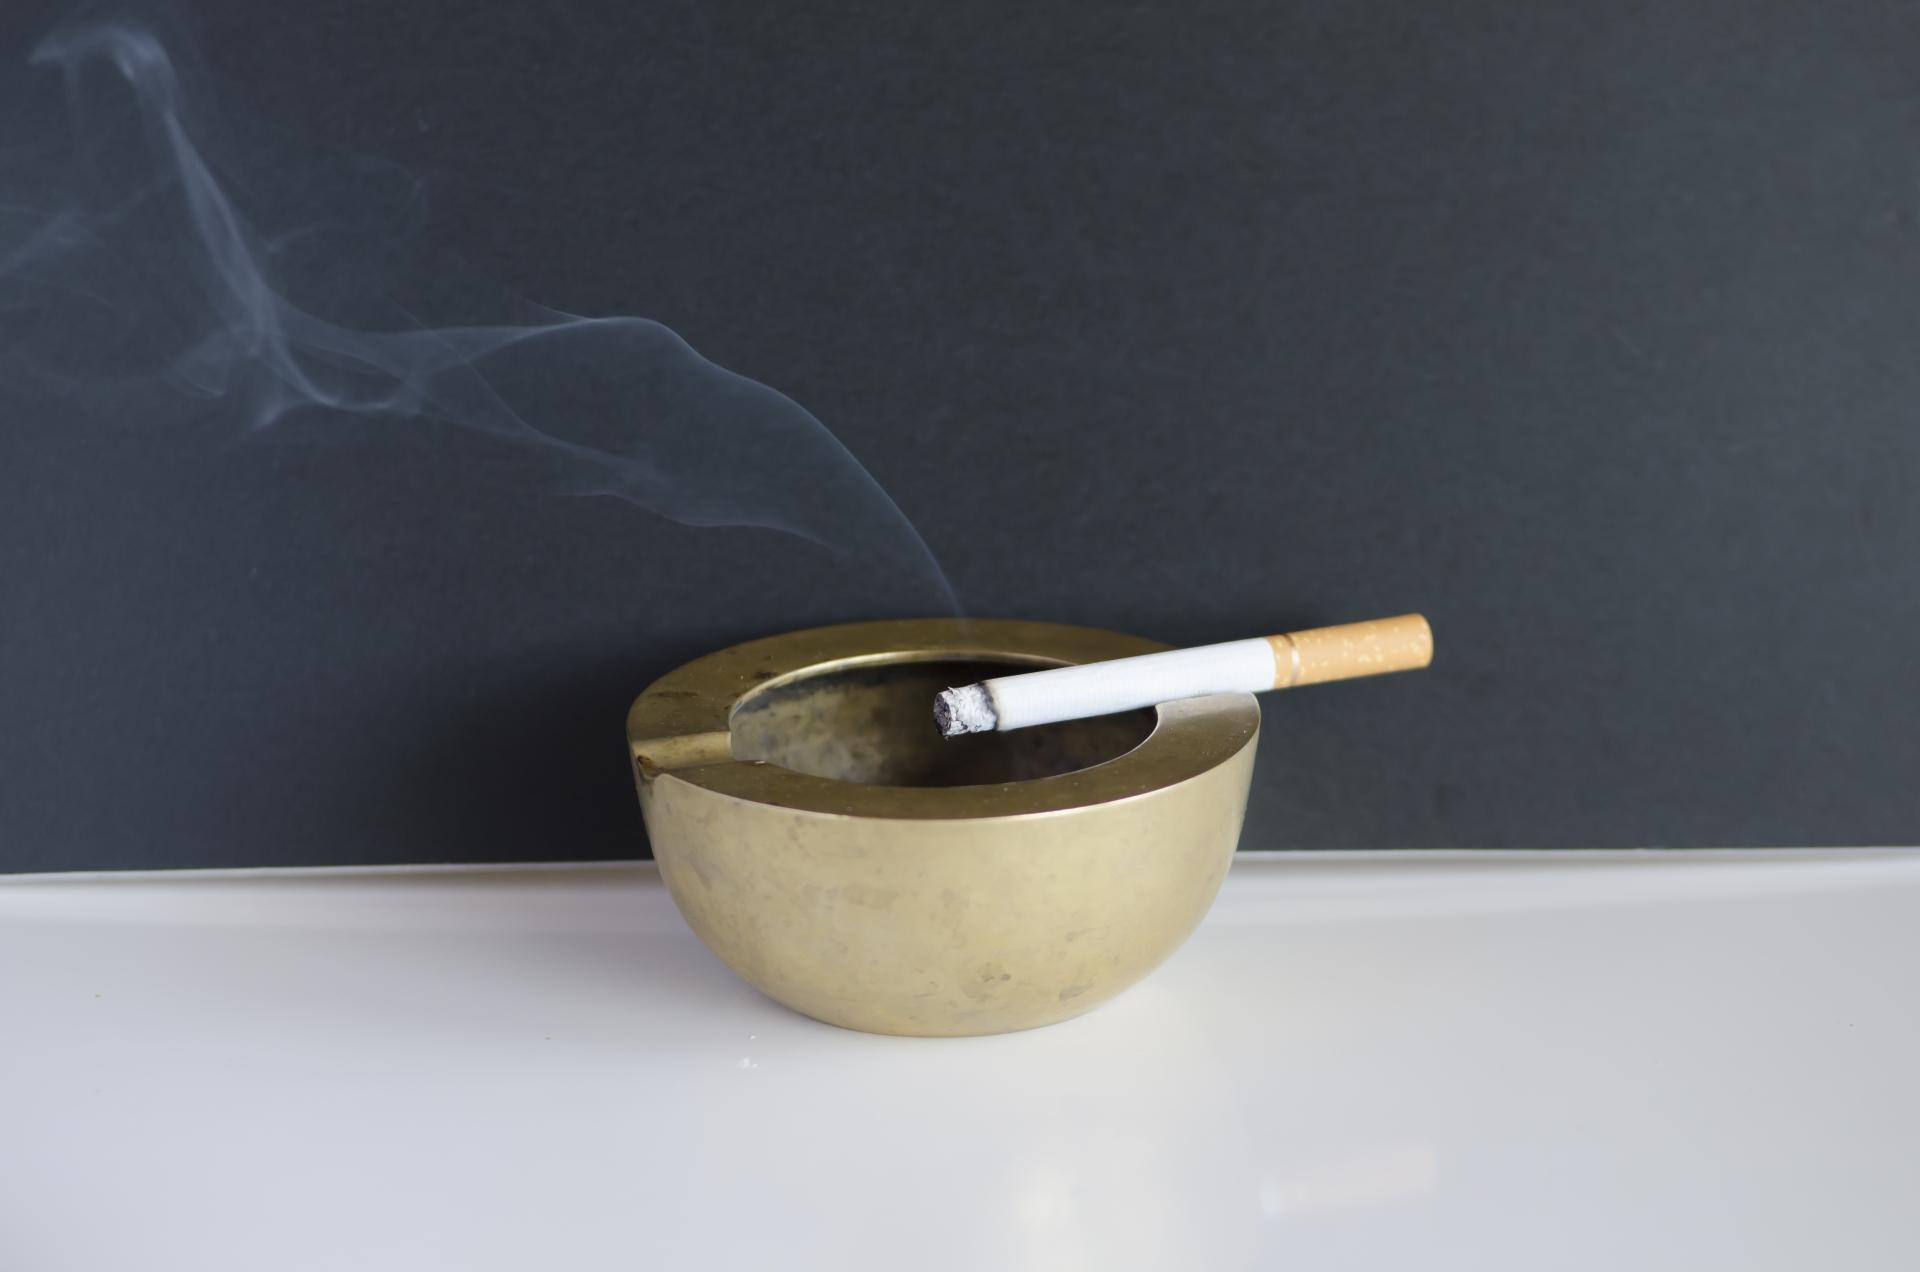 たばこの不始末が出火原因が第二位。副流煙の影響もあるので室内は禁煙に。